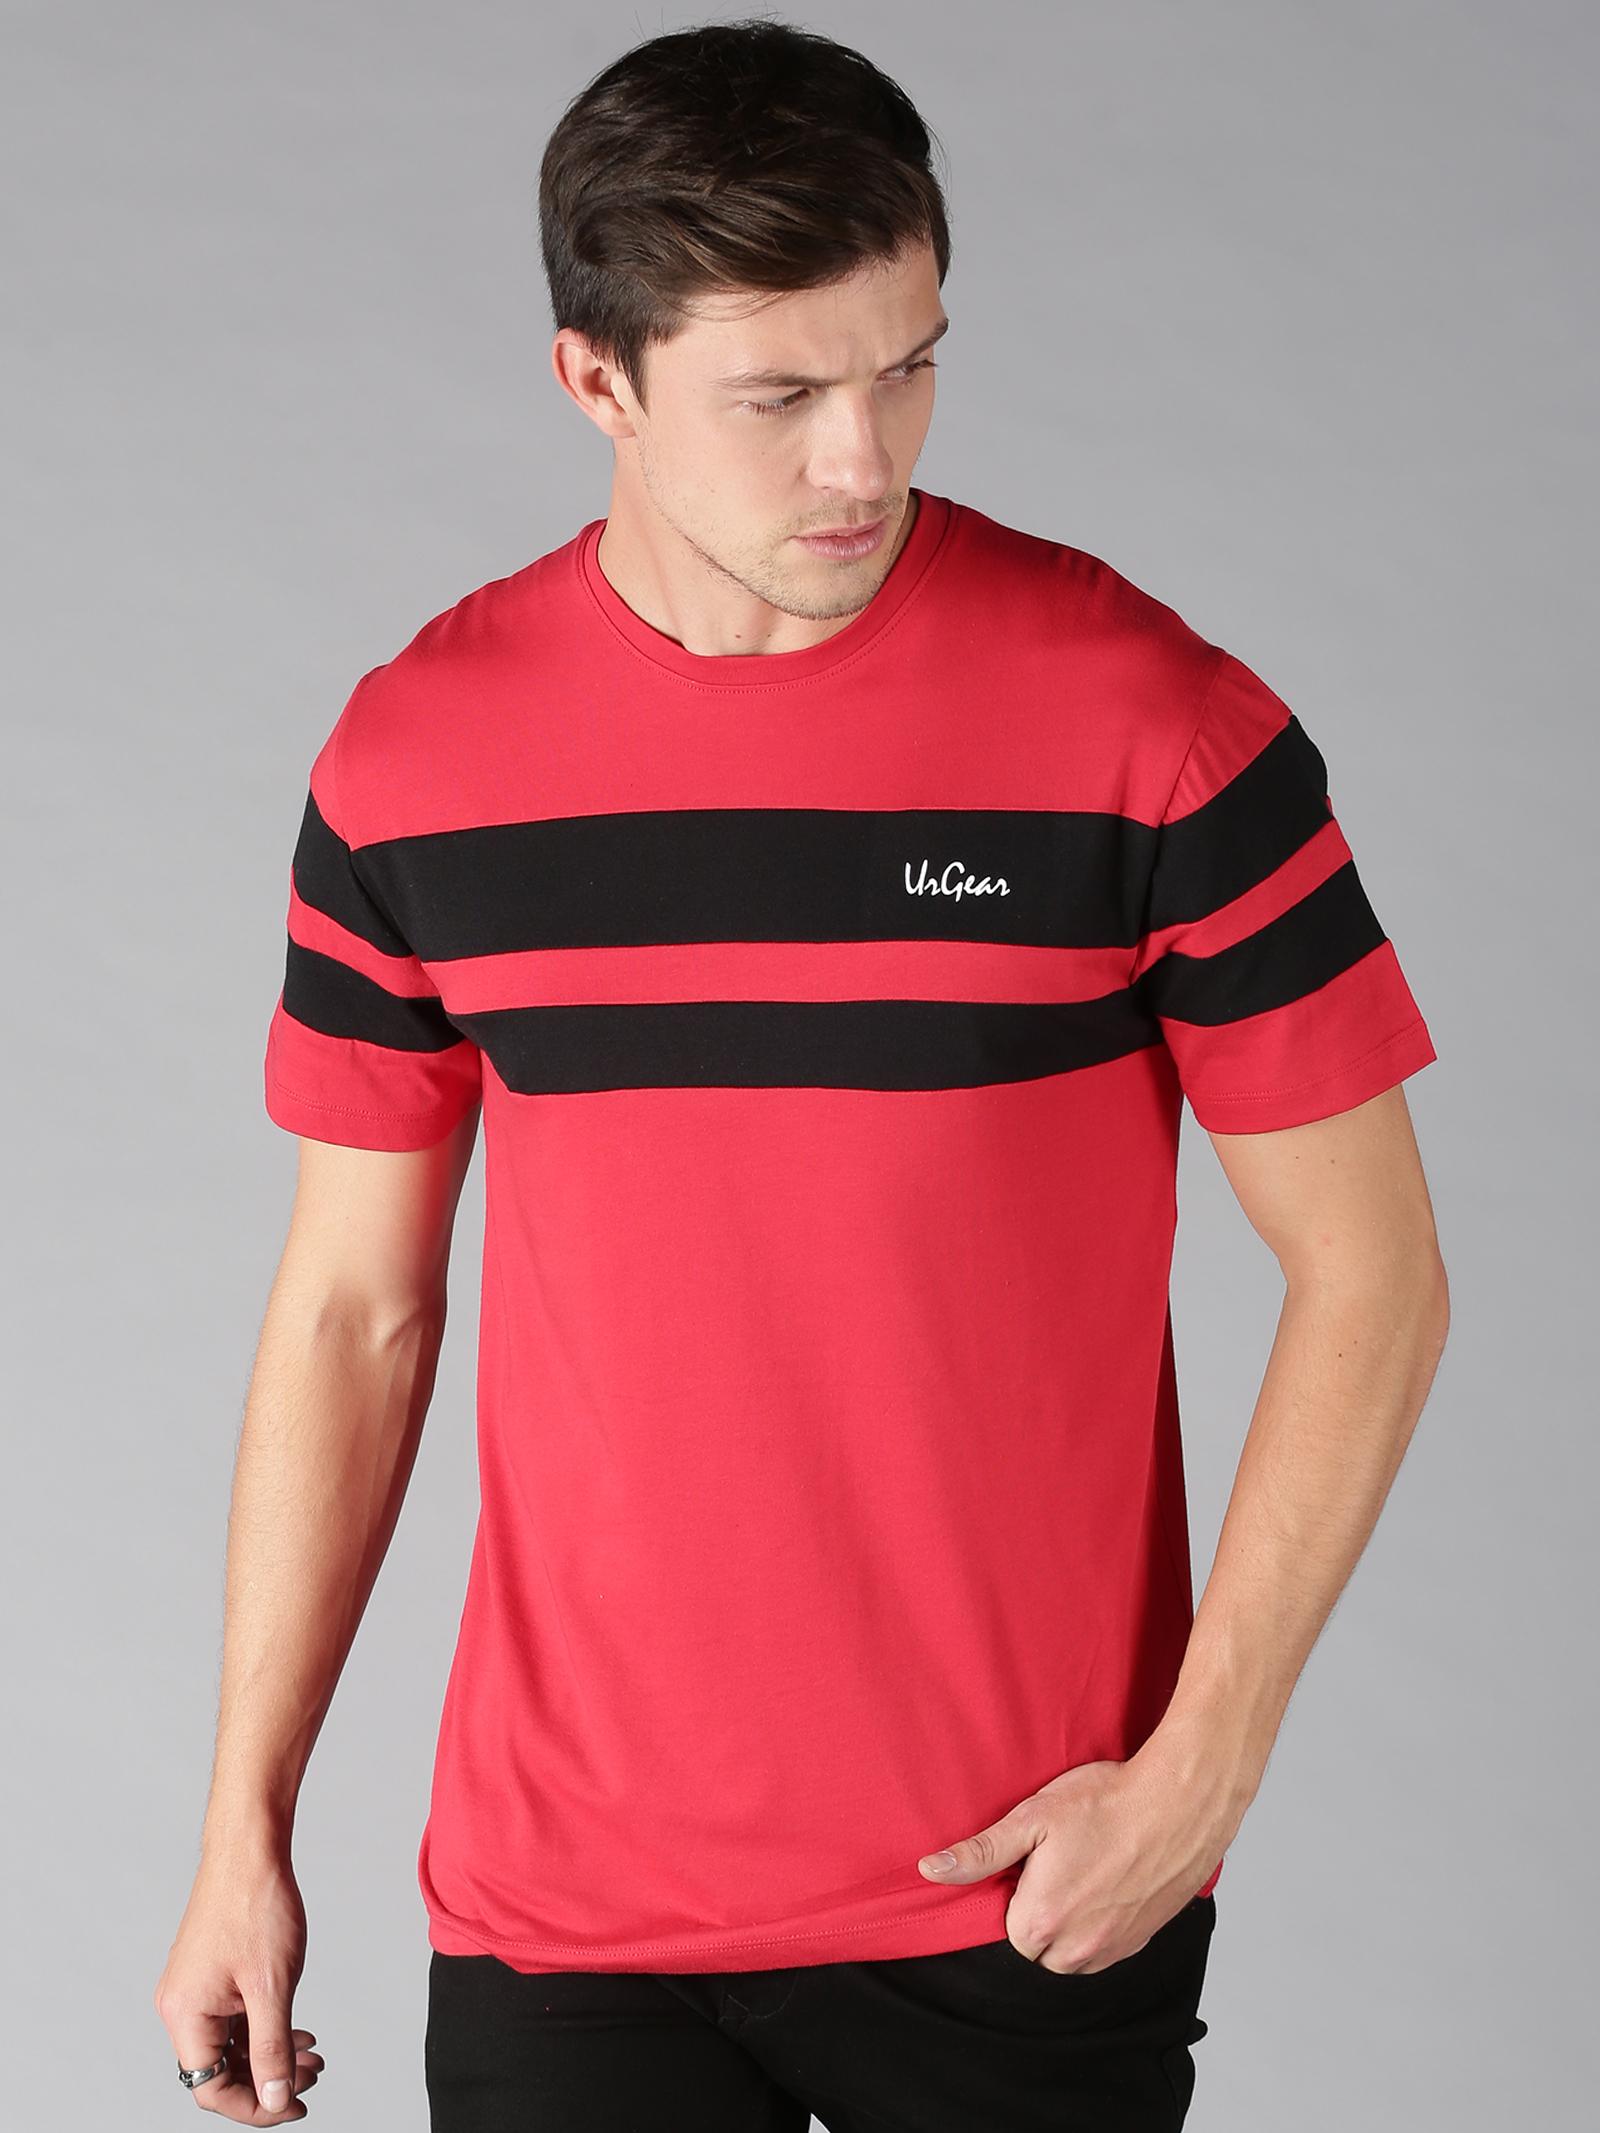 UrGear | UrGear Striped Men Round Neck Red, Black T-Shirt